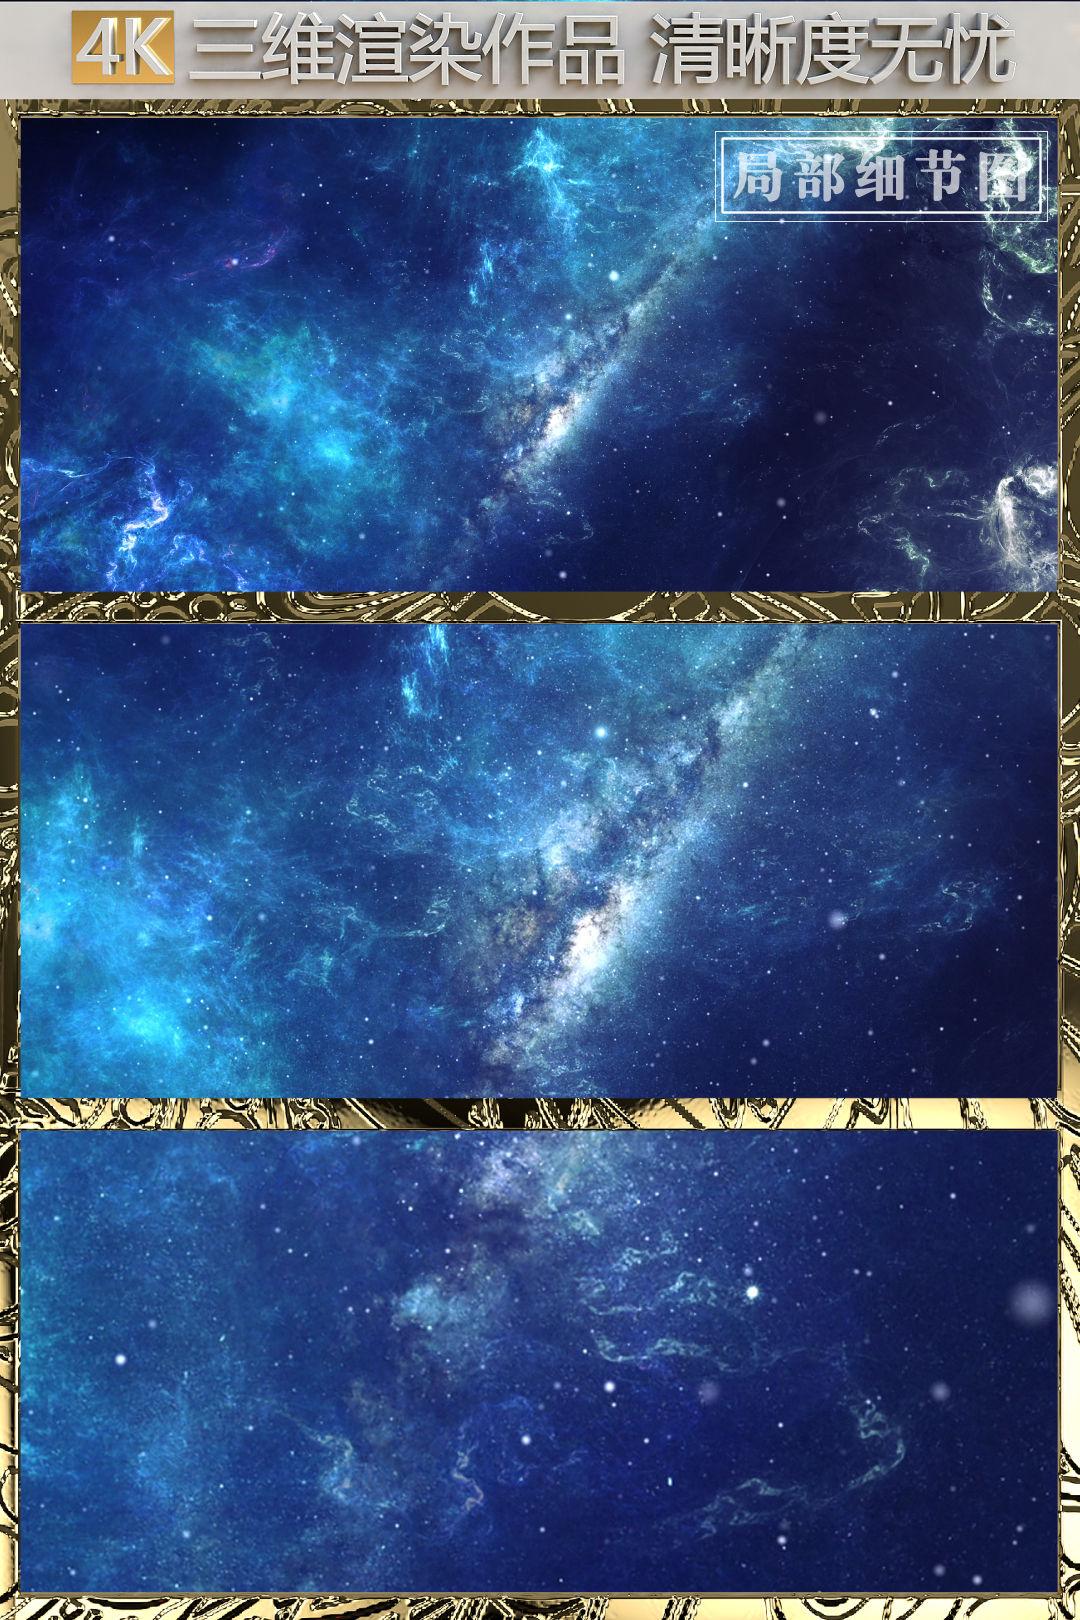 【原创】4K大气震撼宇宙星云穿梭星空背景